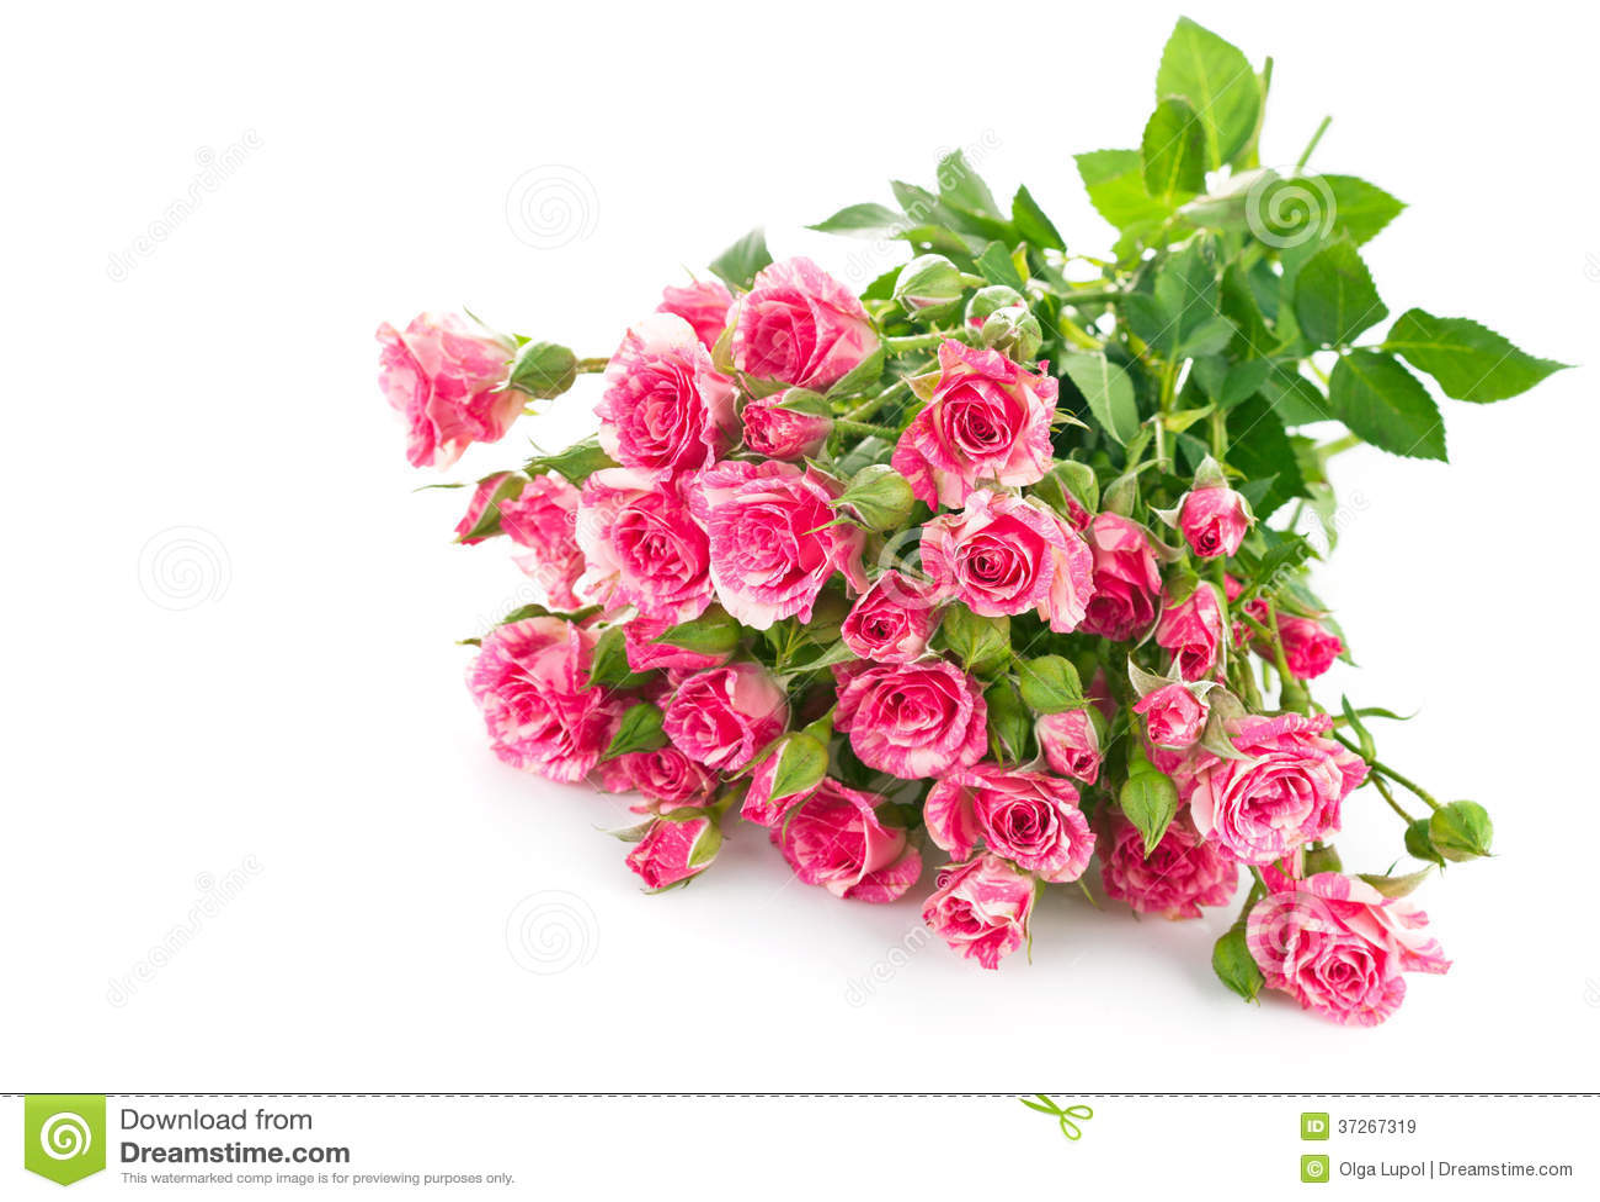 Rosa del rosa del ramo con la hoja verde